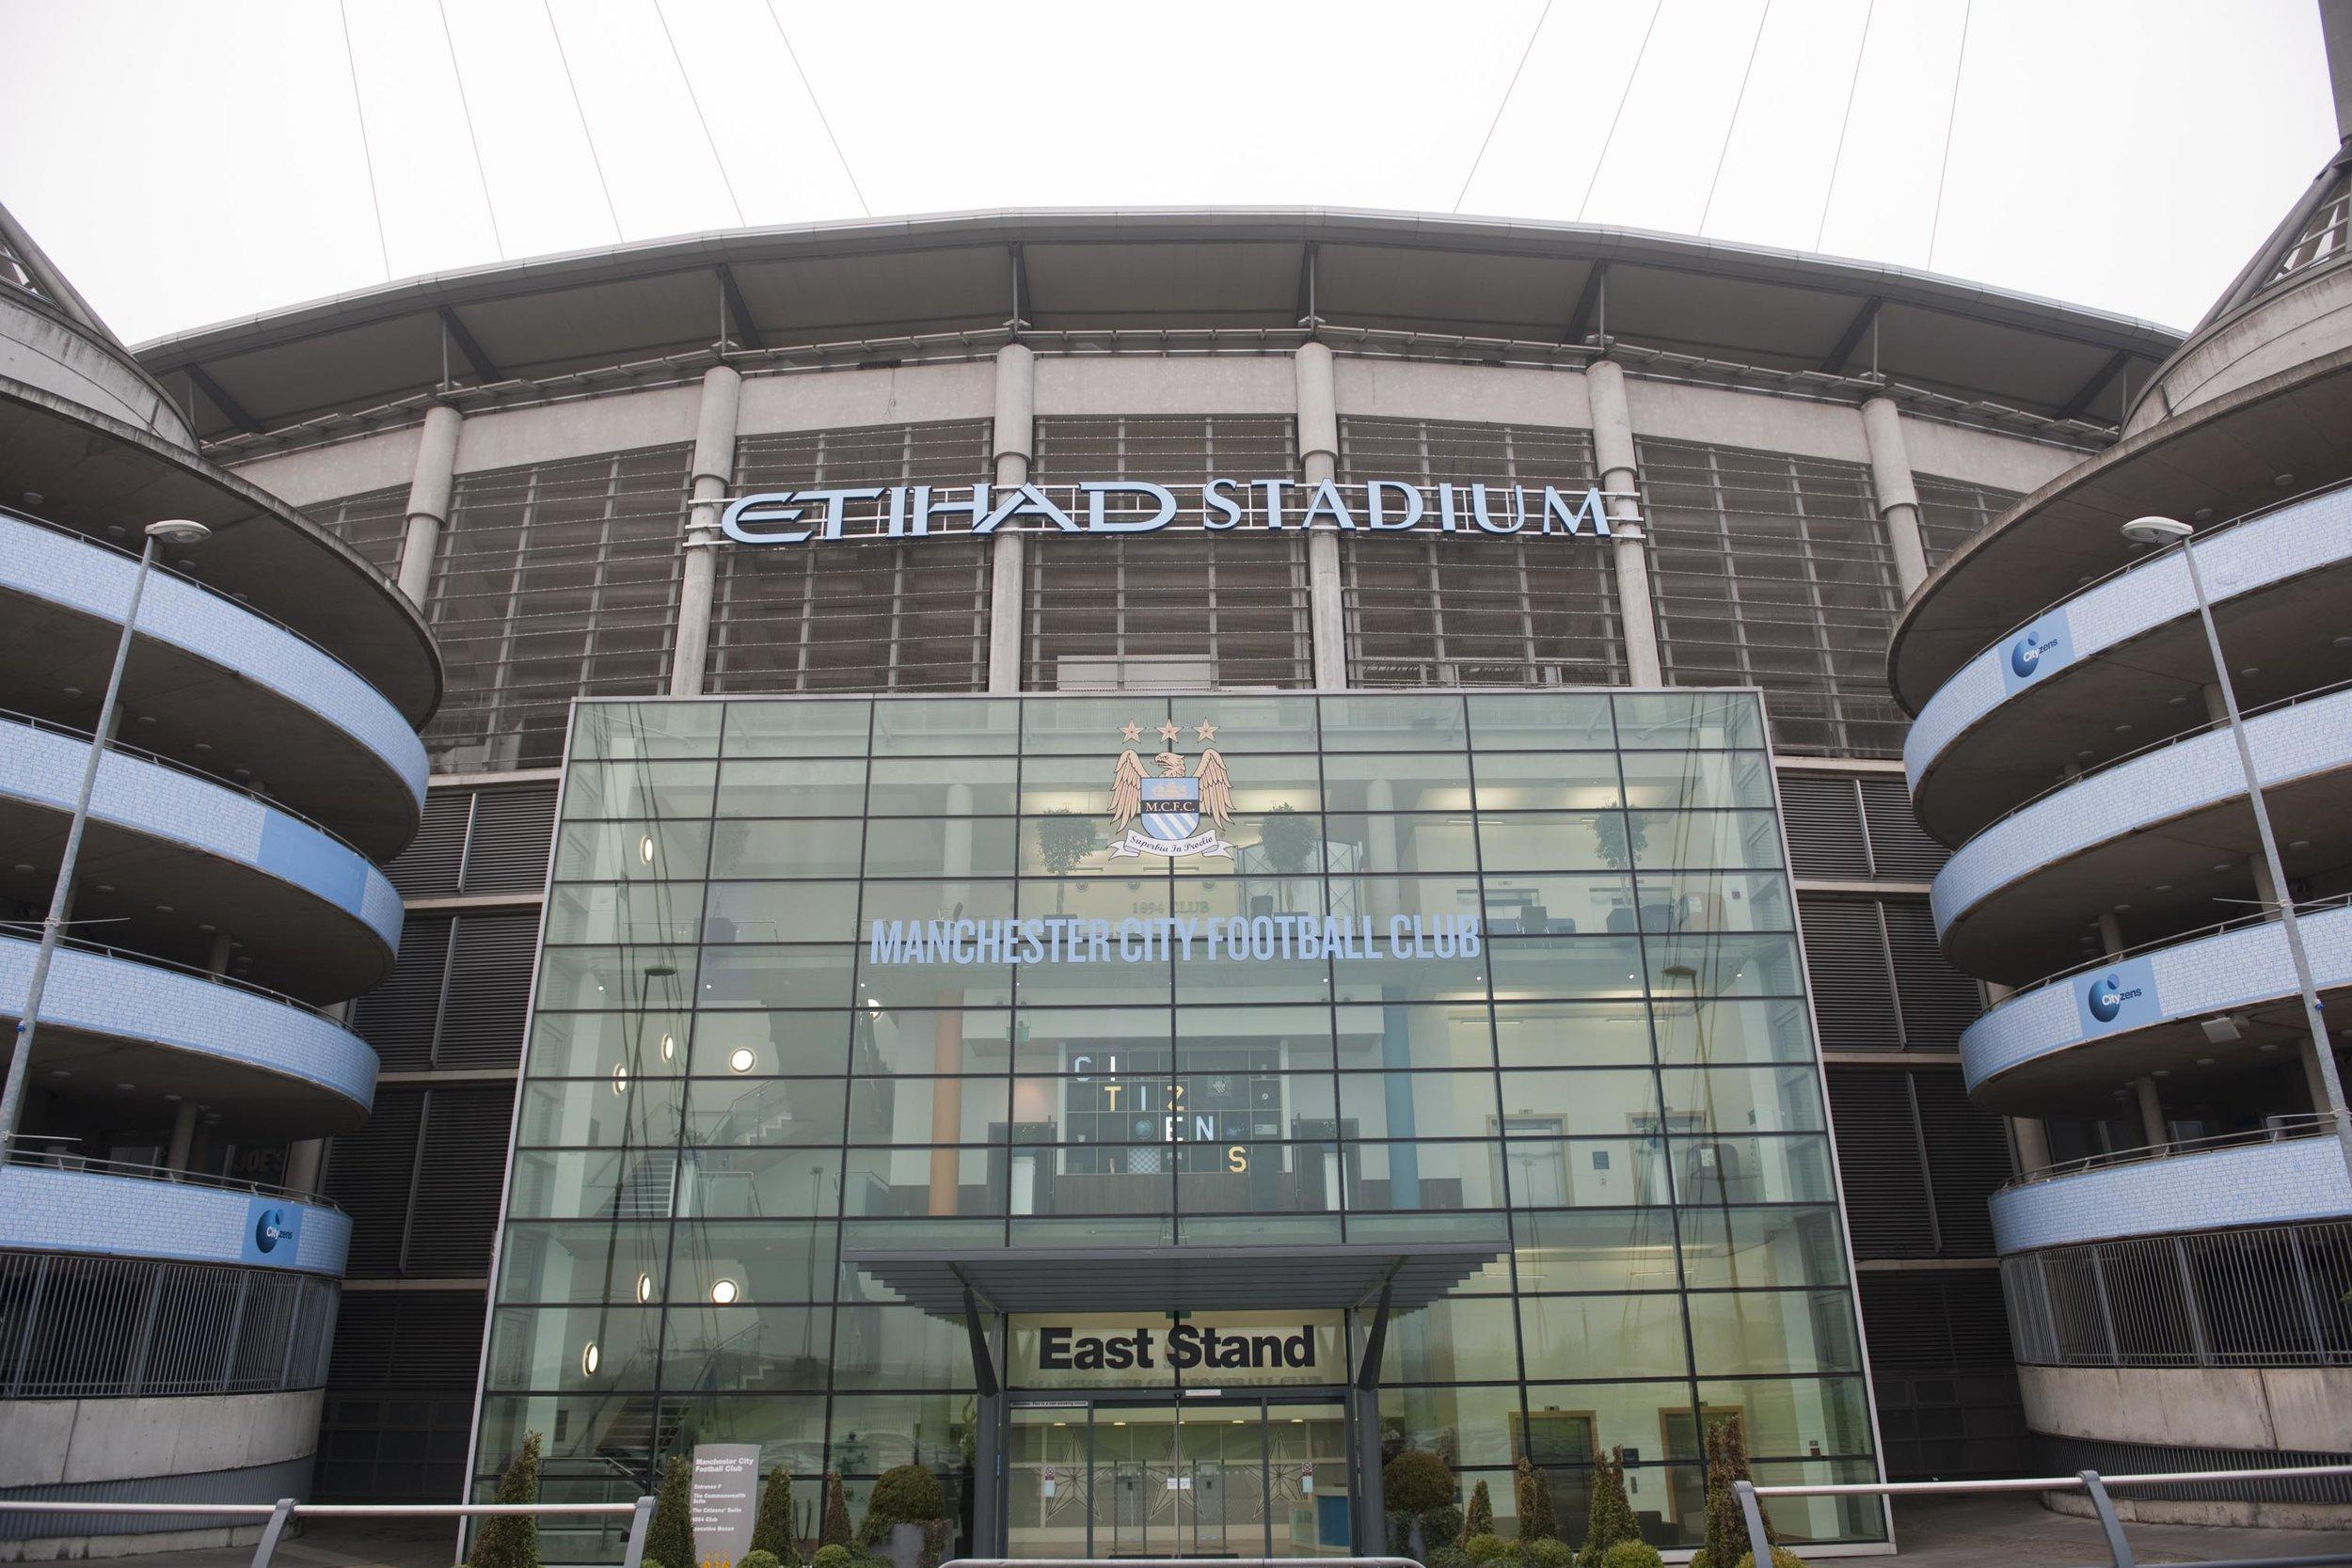 Etihad Stadium, venue for MMU assessment simulation